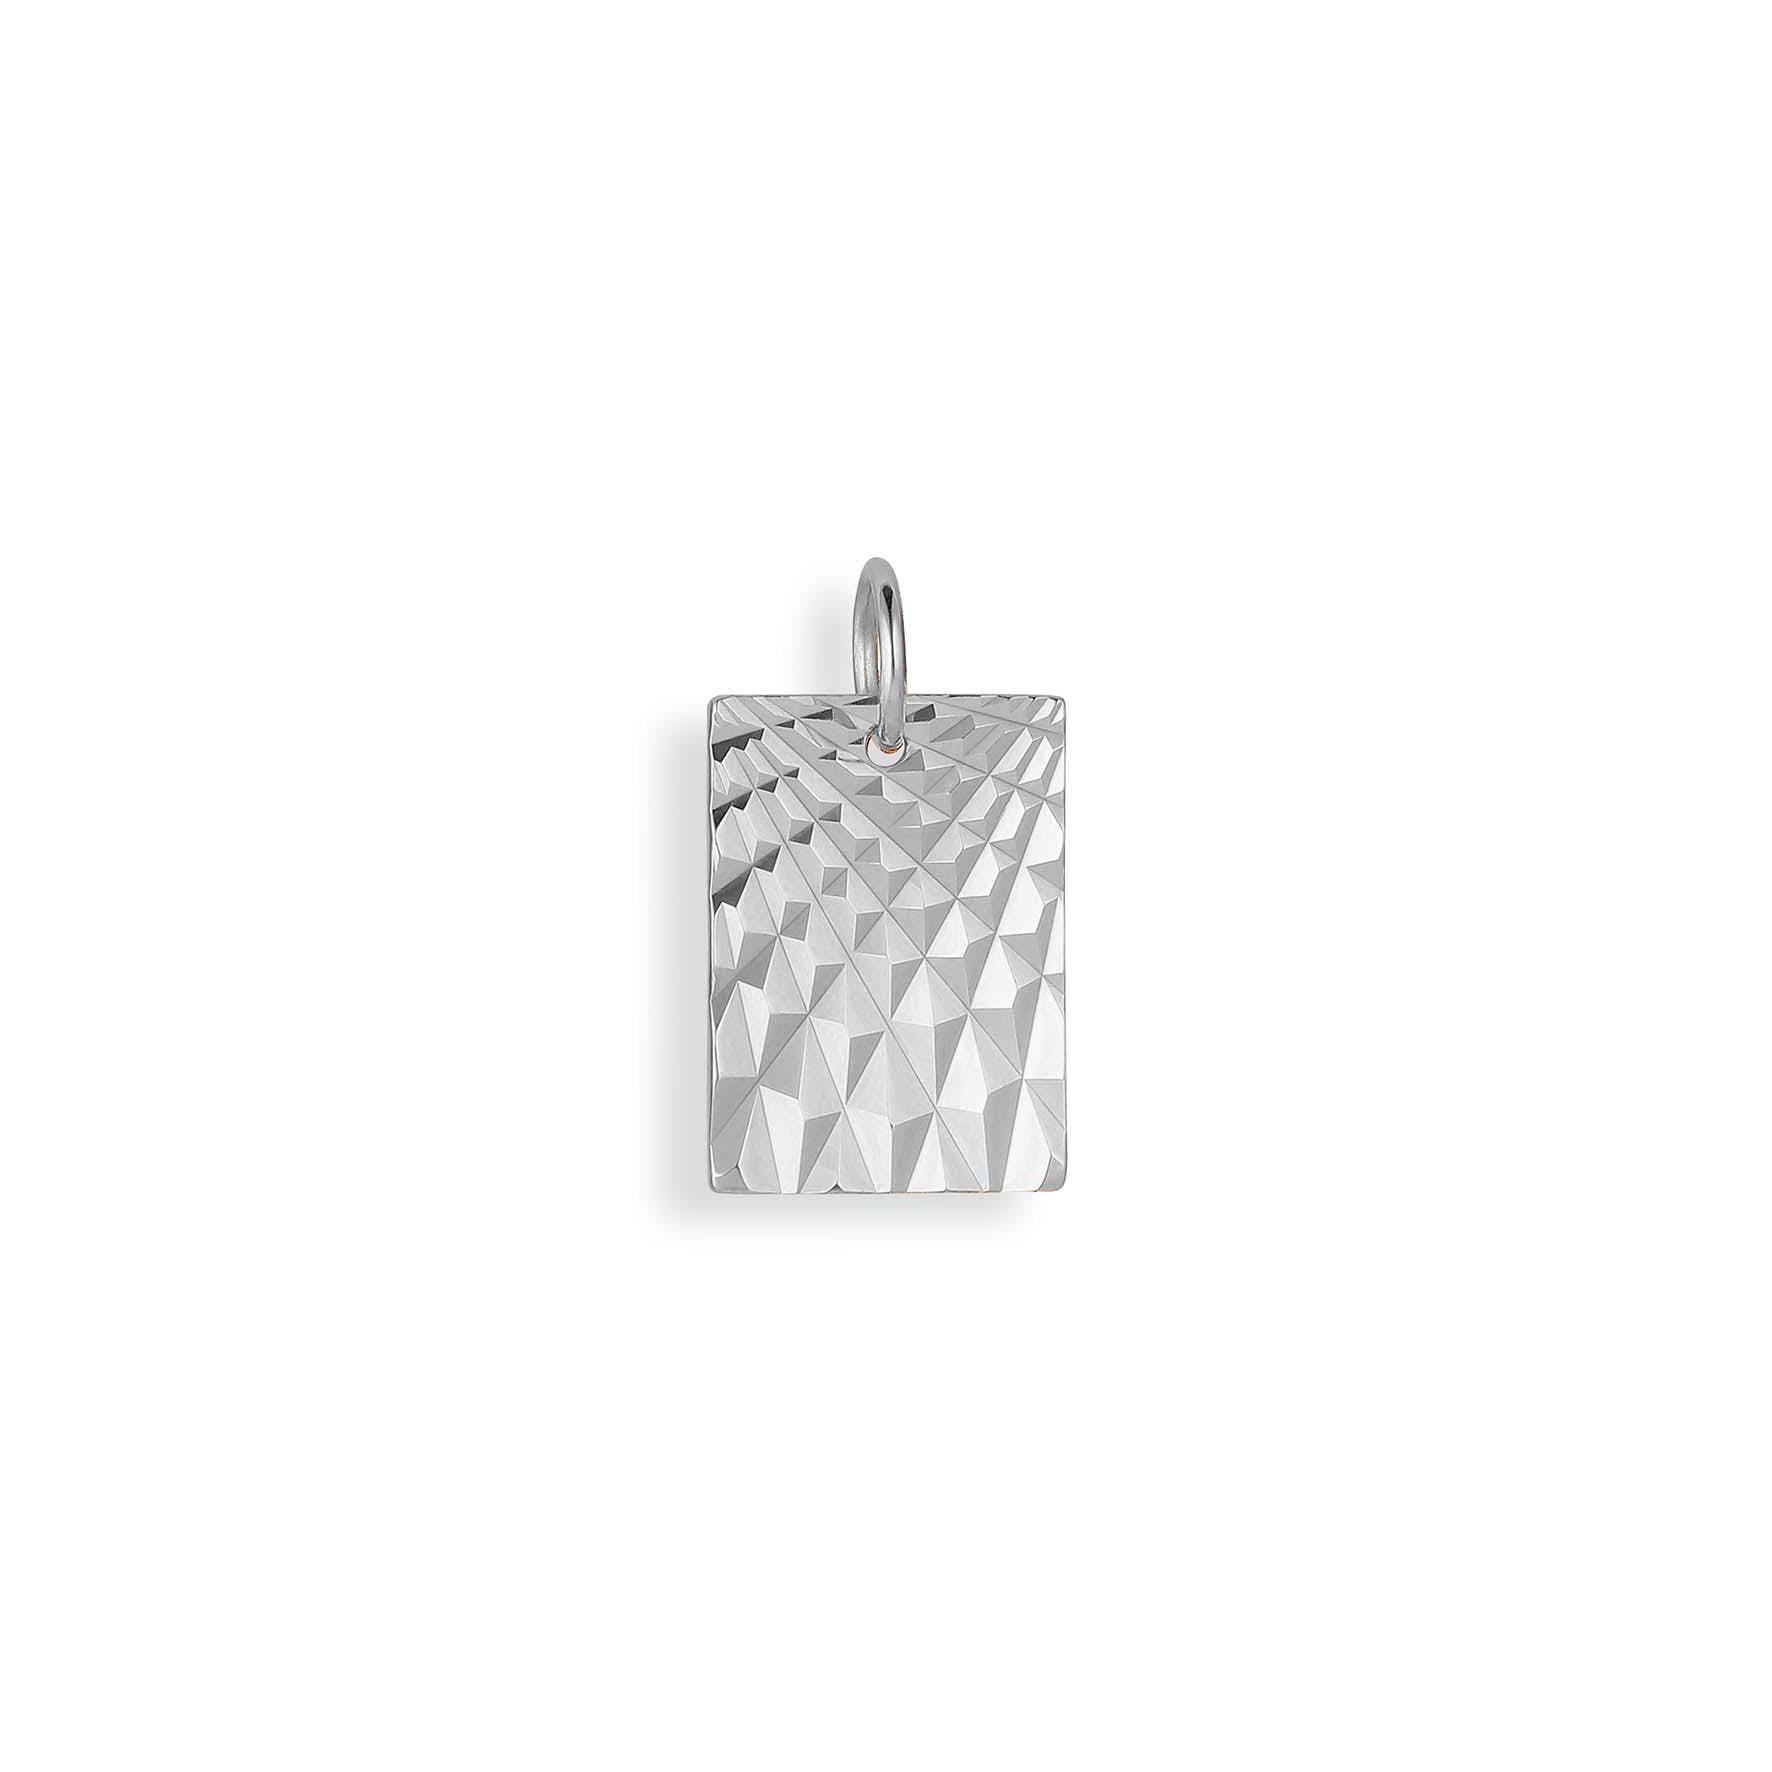 Reflection Square Pendant von Jane Kønig in Silber Sterling 925